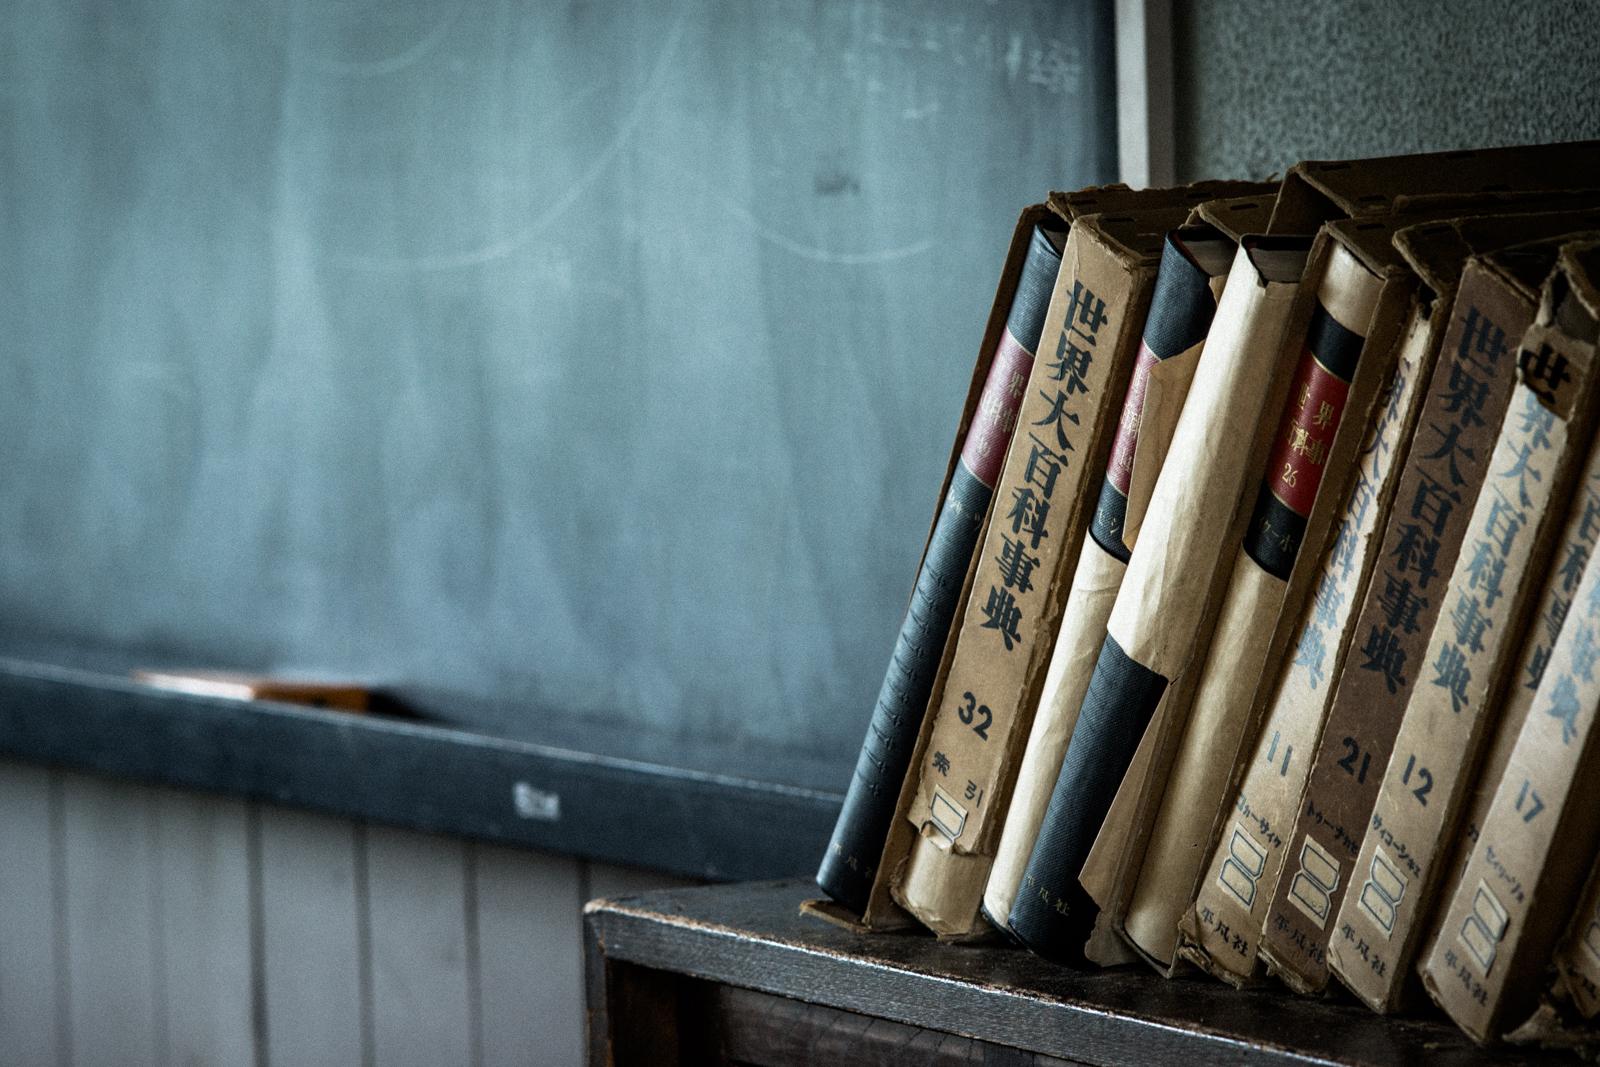 世界大百科事典と昔の教室の黒板の写真